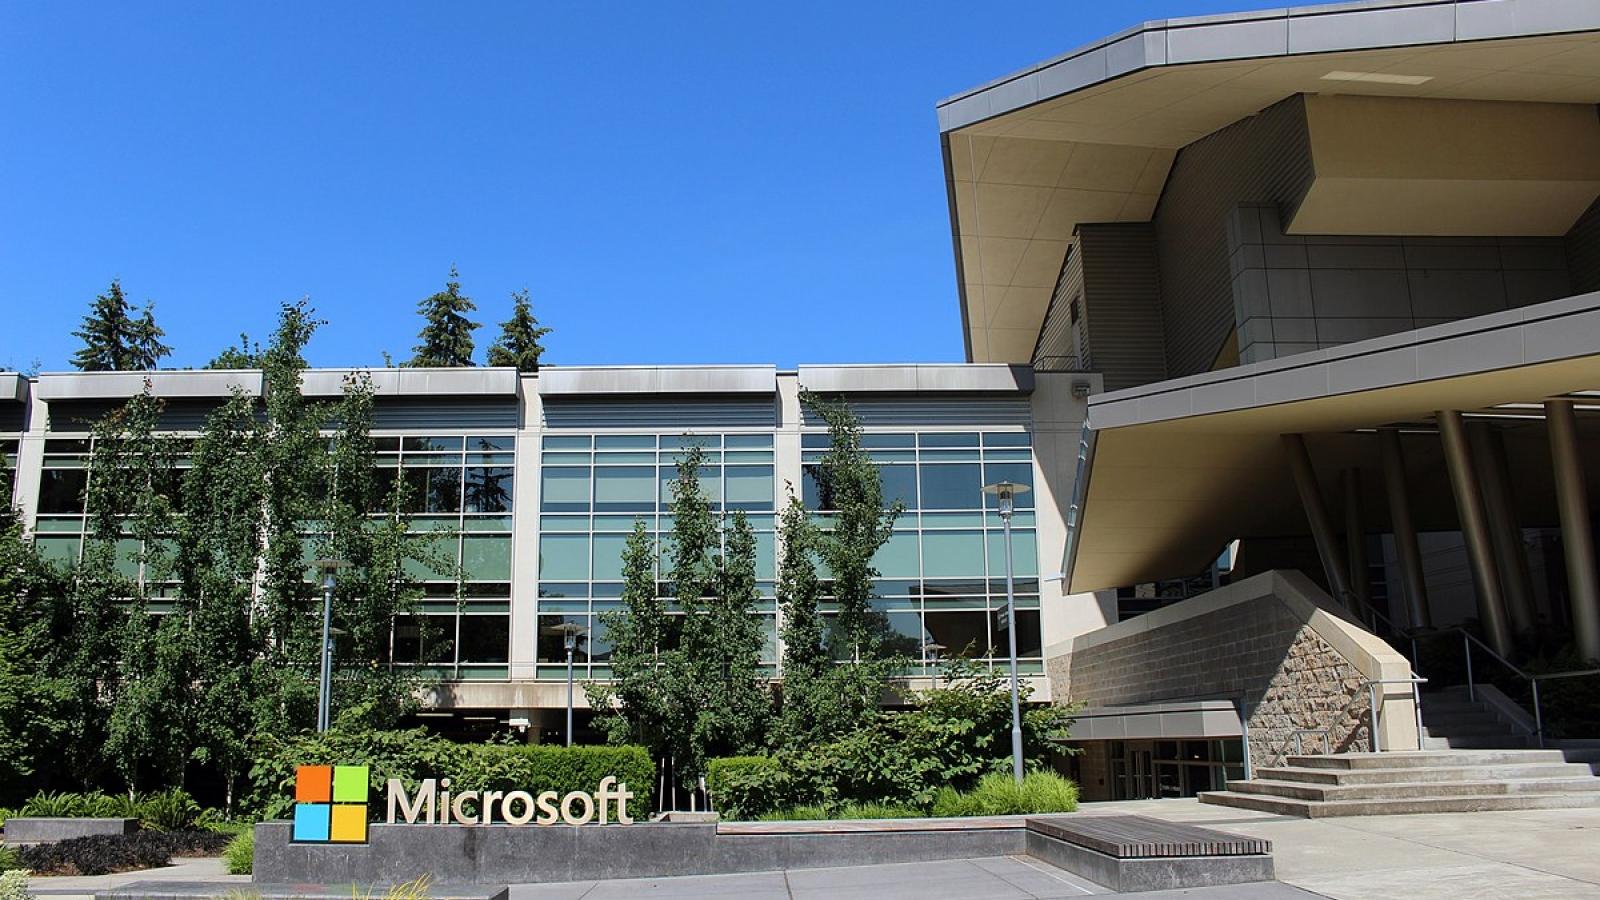 Microsoft đầu tư 1 tỷ USD xây dựng trung tâm dữ liệu tại Malaysia